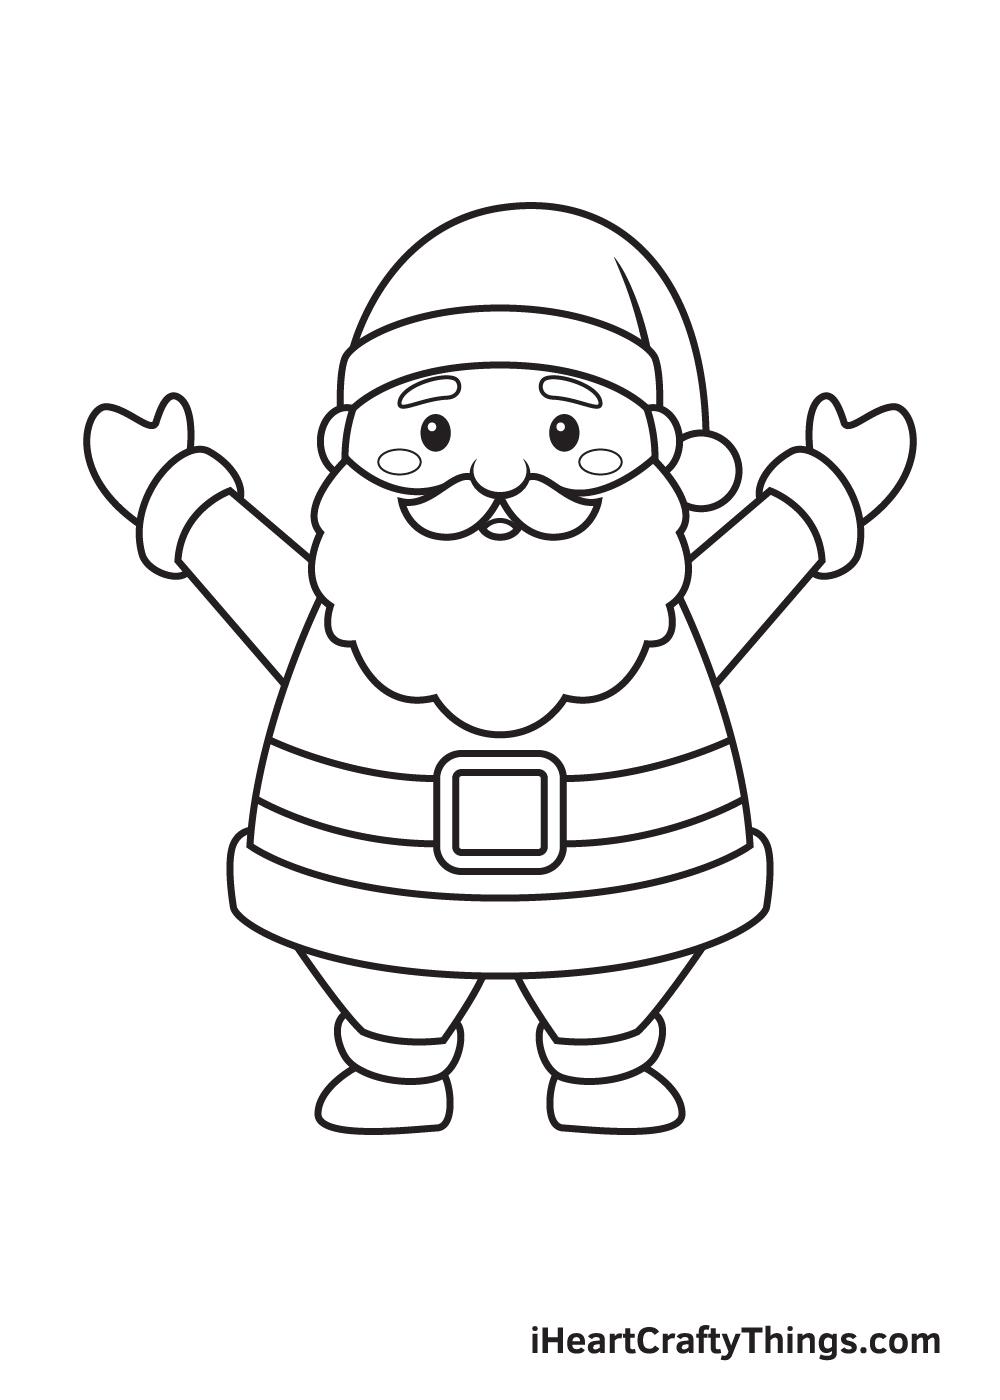 Santa Claus Drawing – Step 9